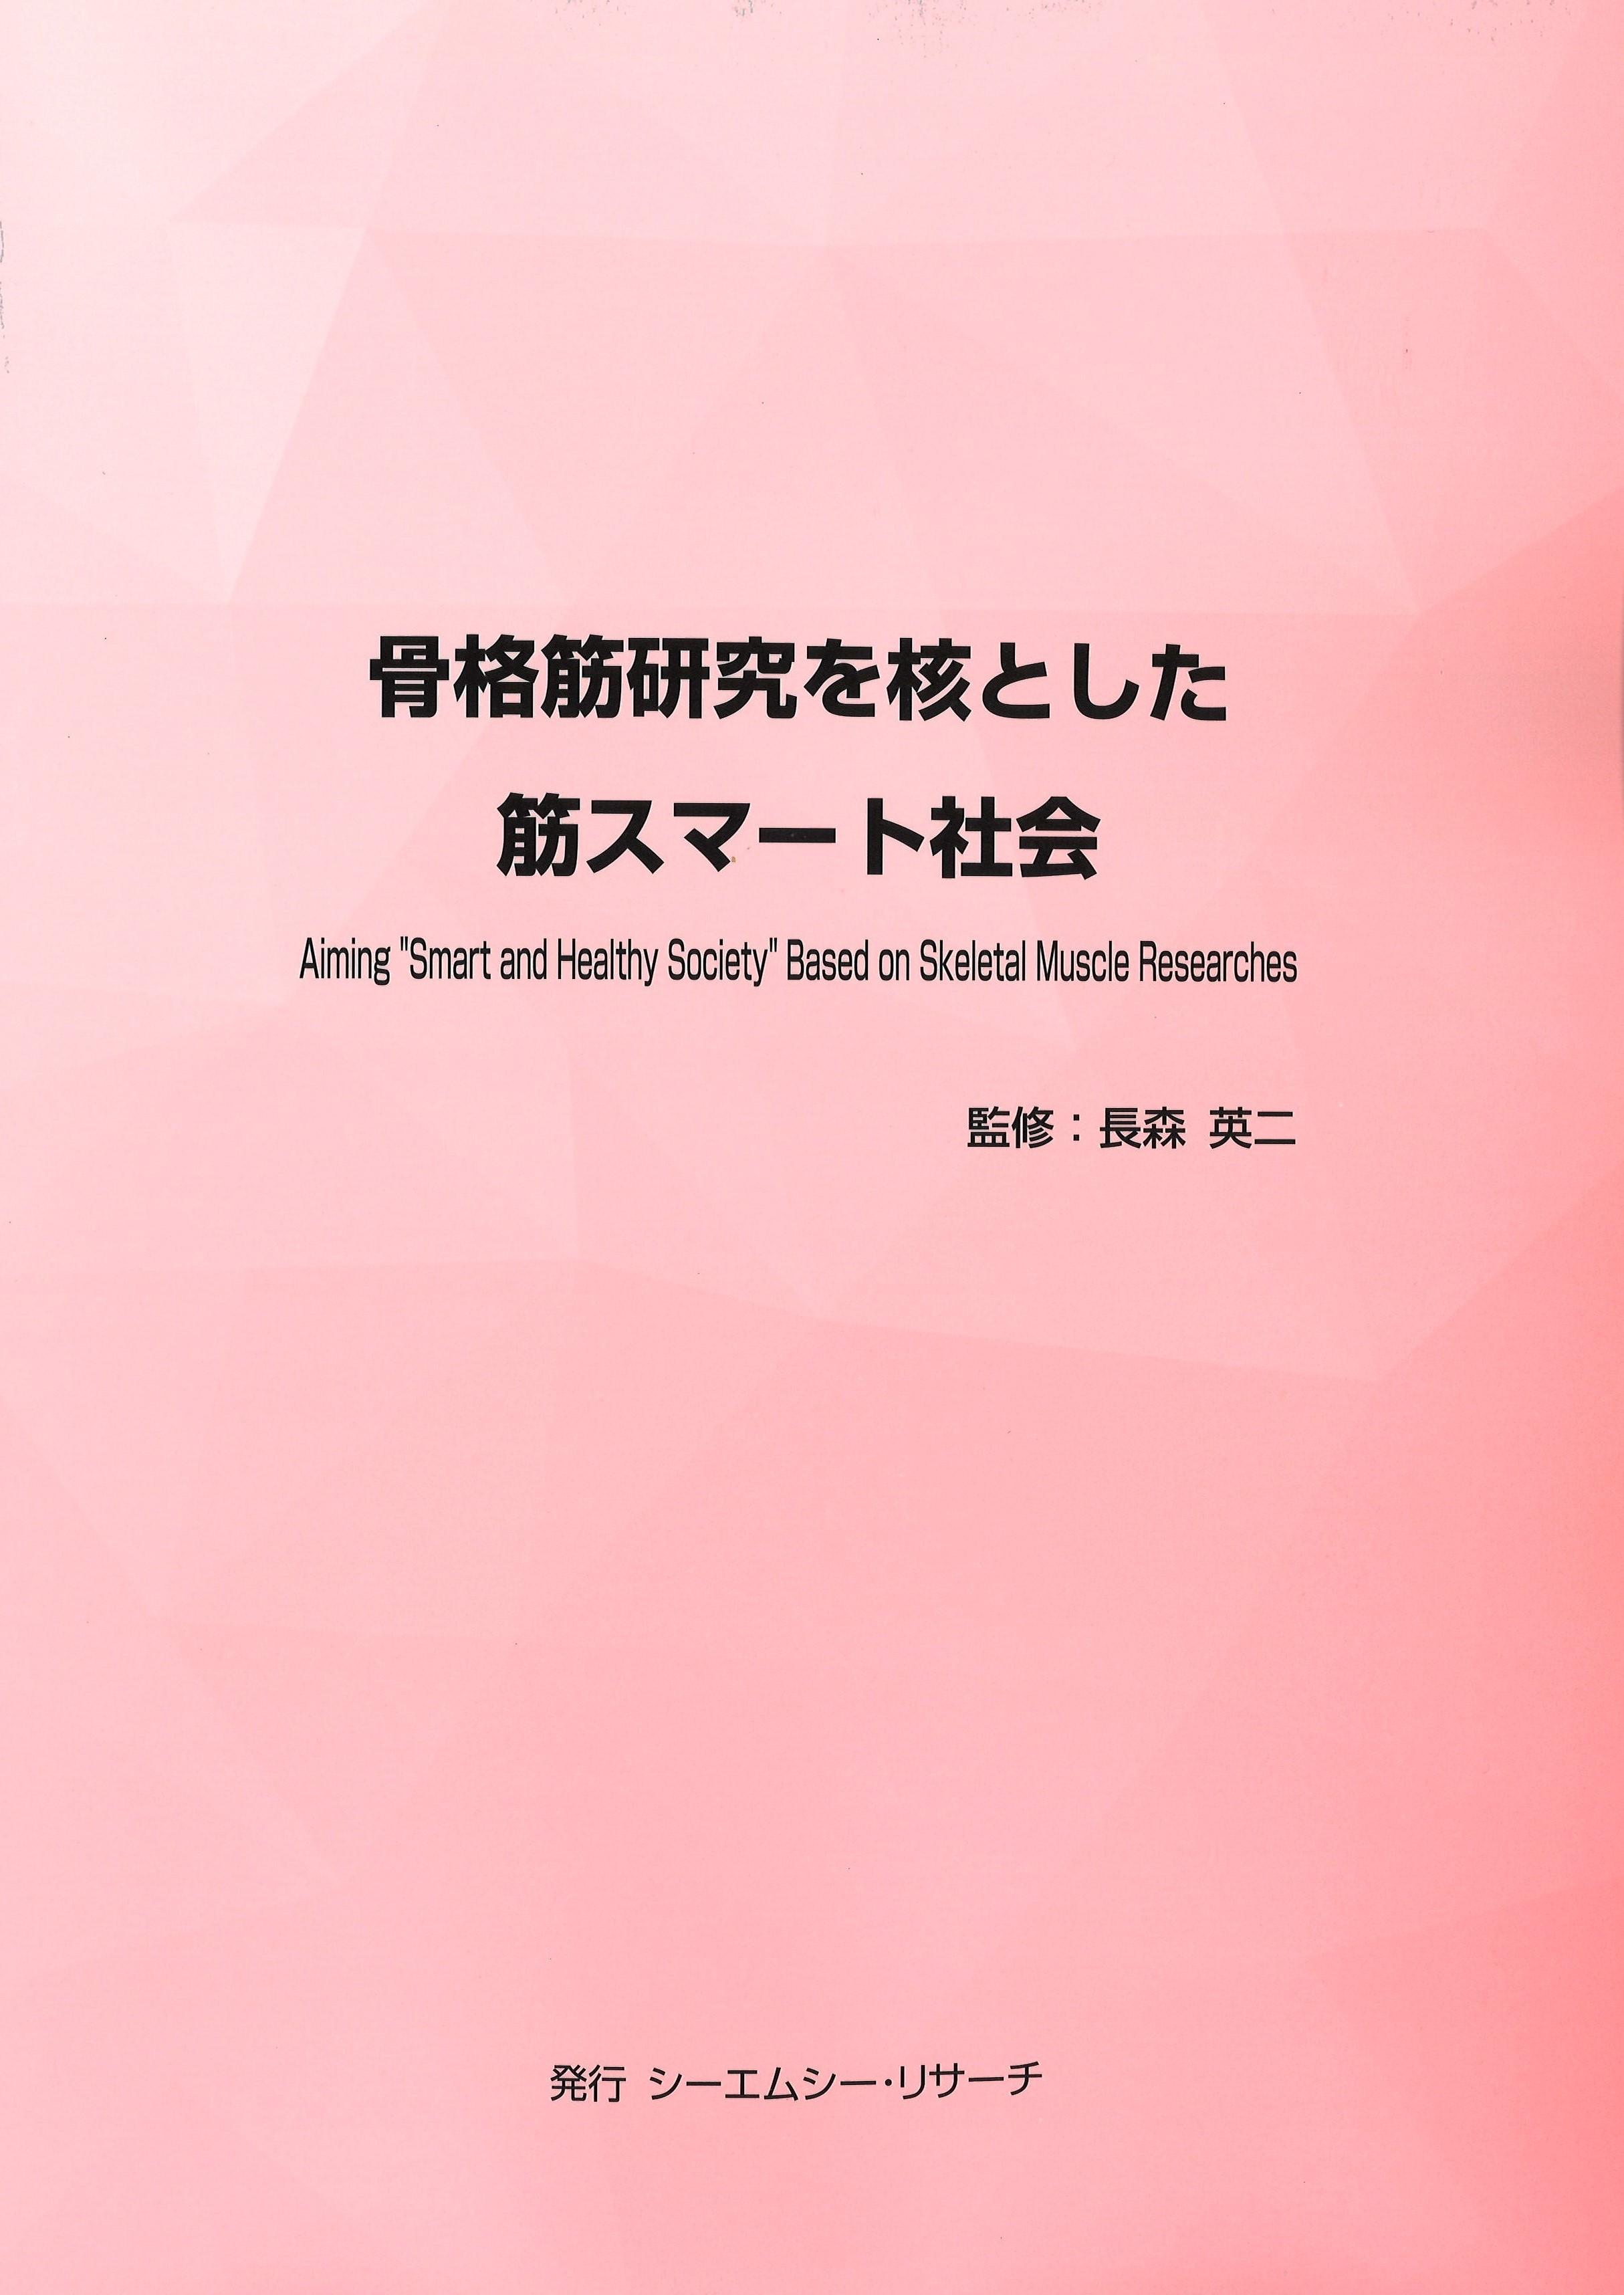 だ えいじ ふか ヘボン式ローマ字 神奈川県パスポートセンター公式サイト